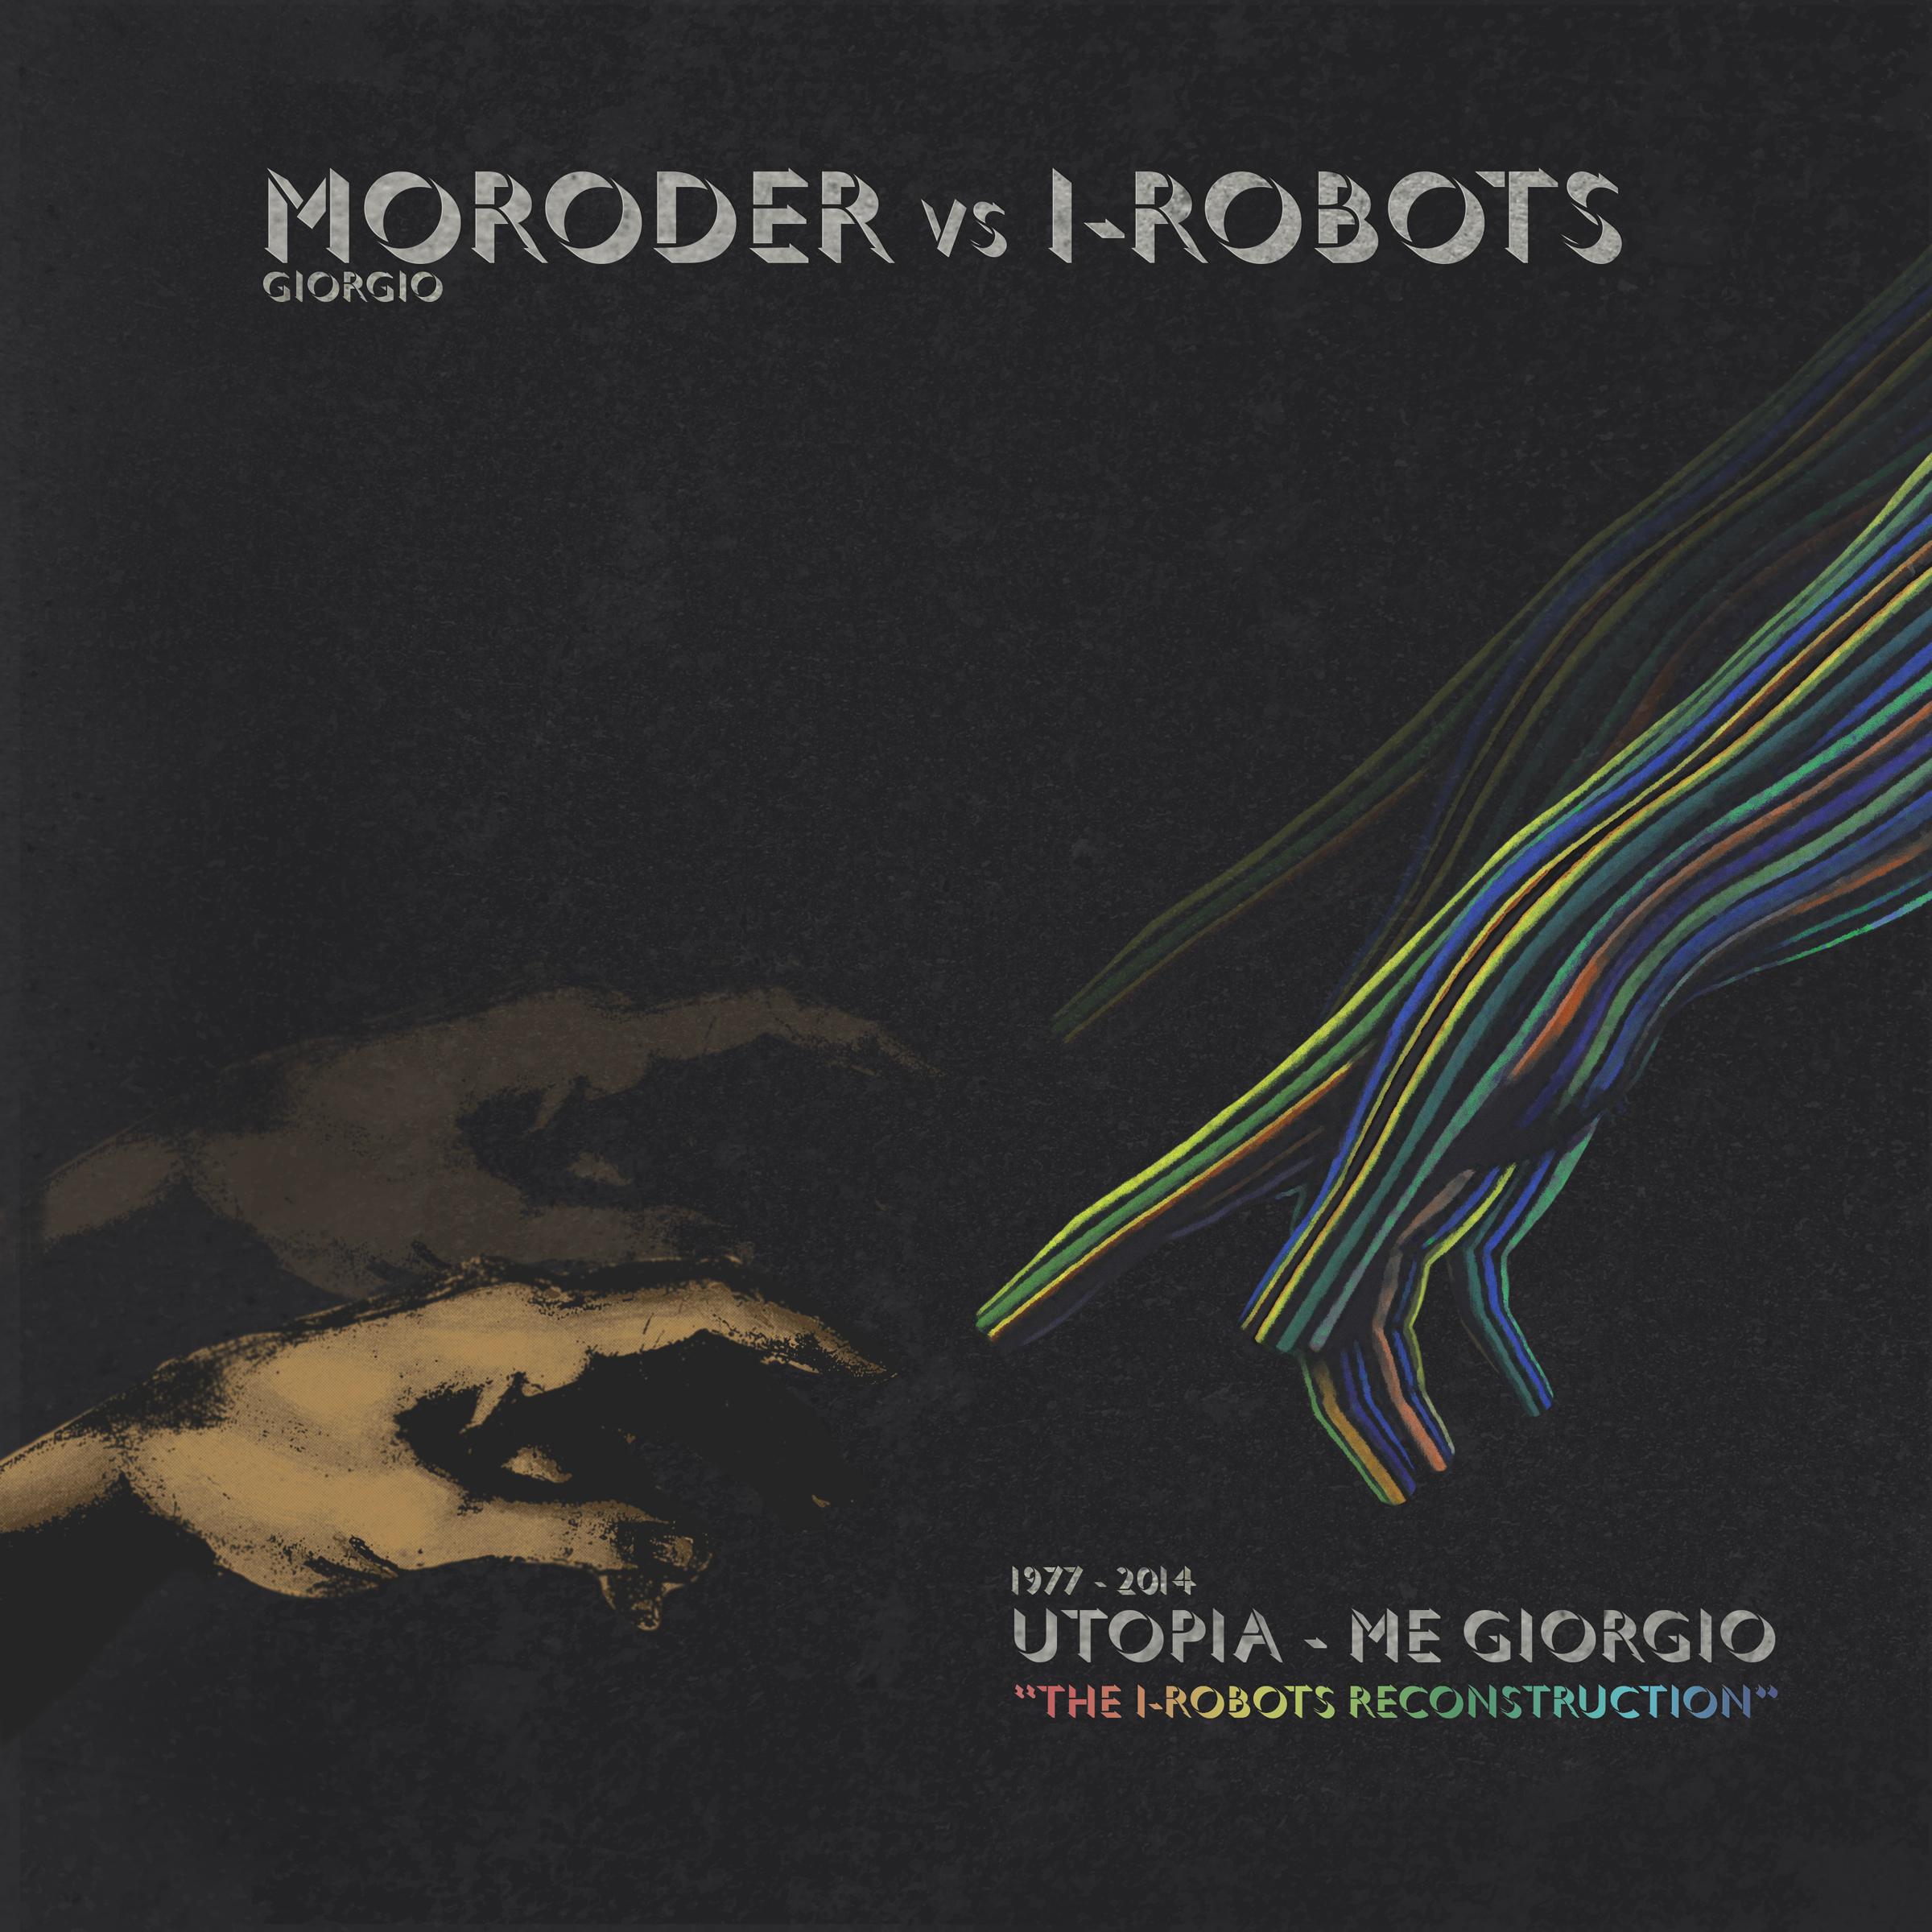 Utopie - Me Giorgio by Giorgio Moroder vs. I-Robots